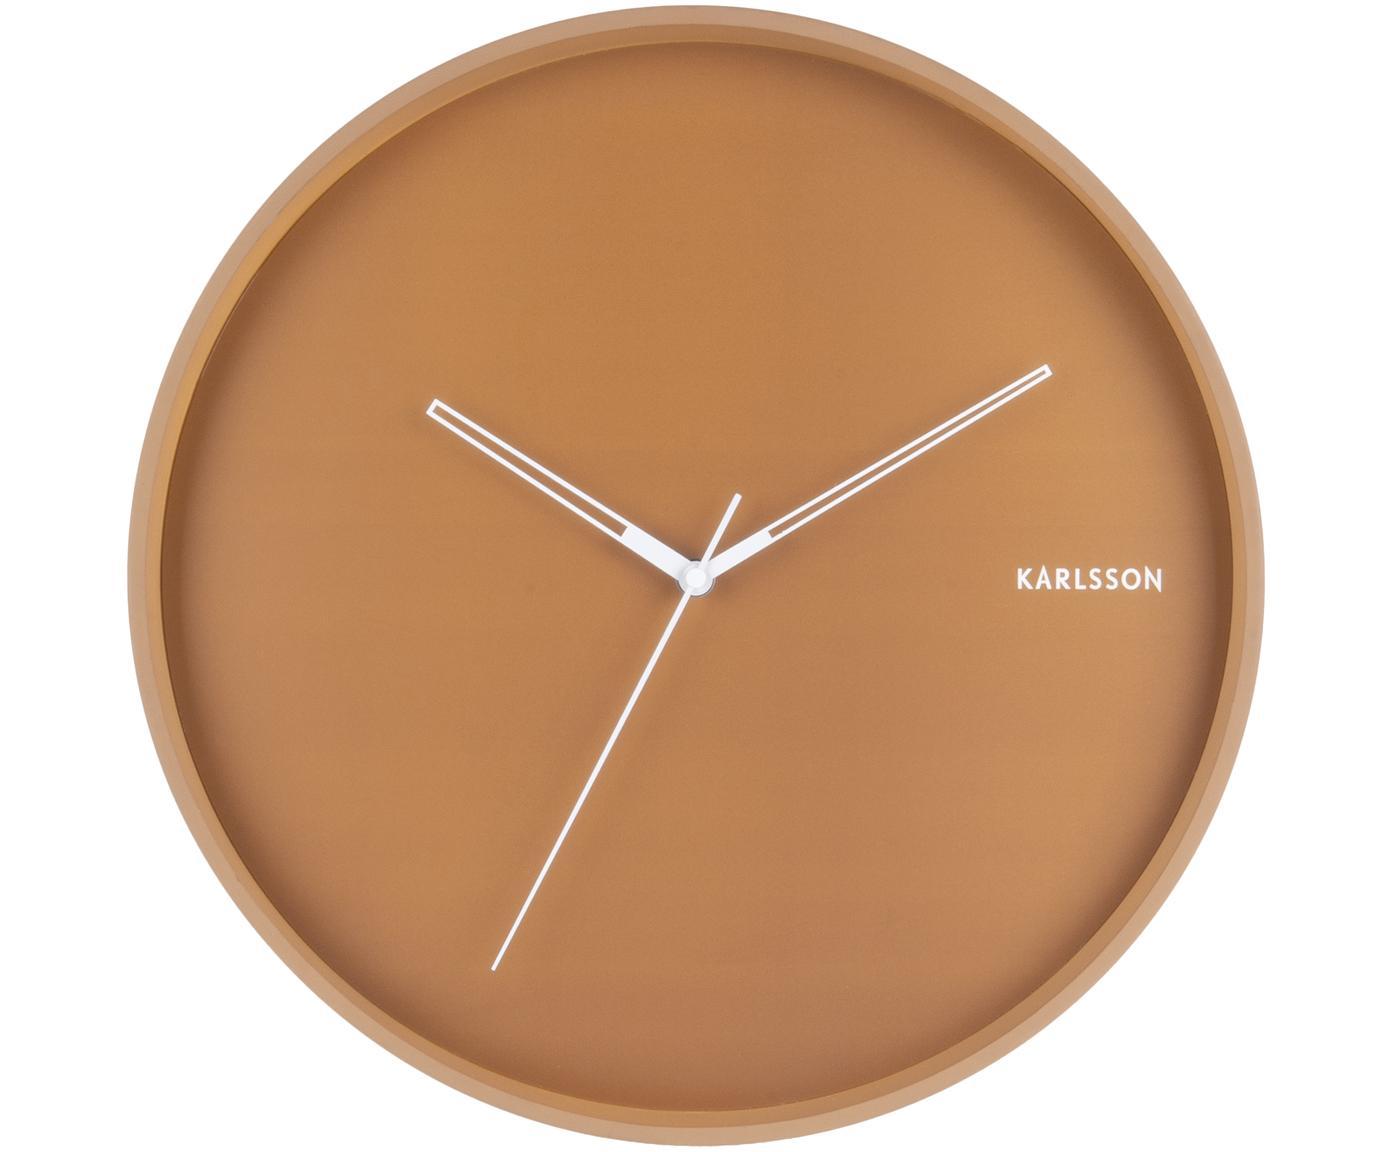 Orologio da parete Hue, Metallo rivestito, Marrone caramello, bianco, Ø 40 cm